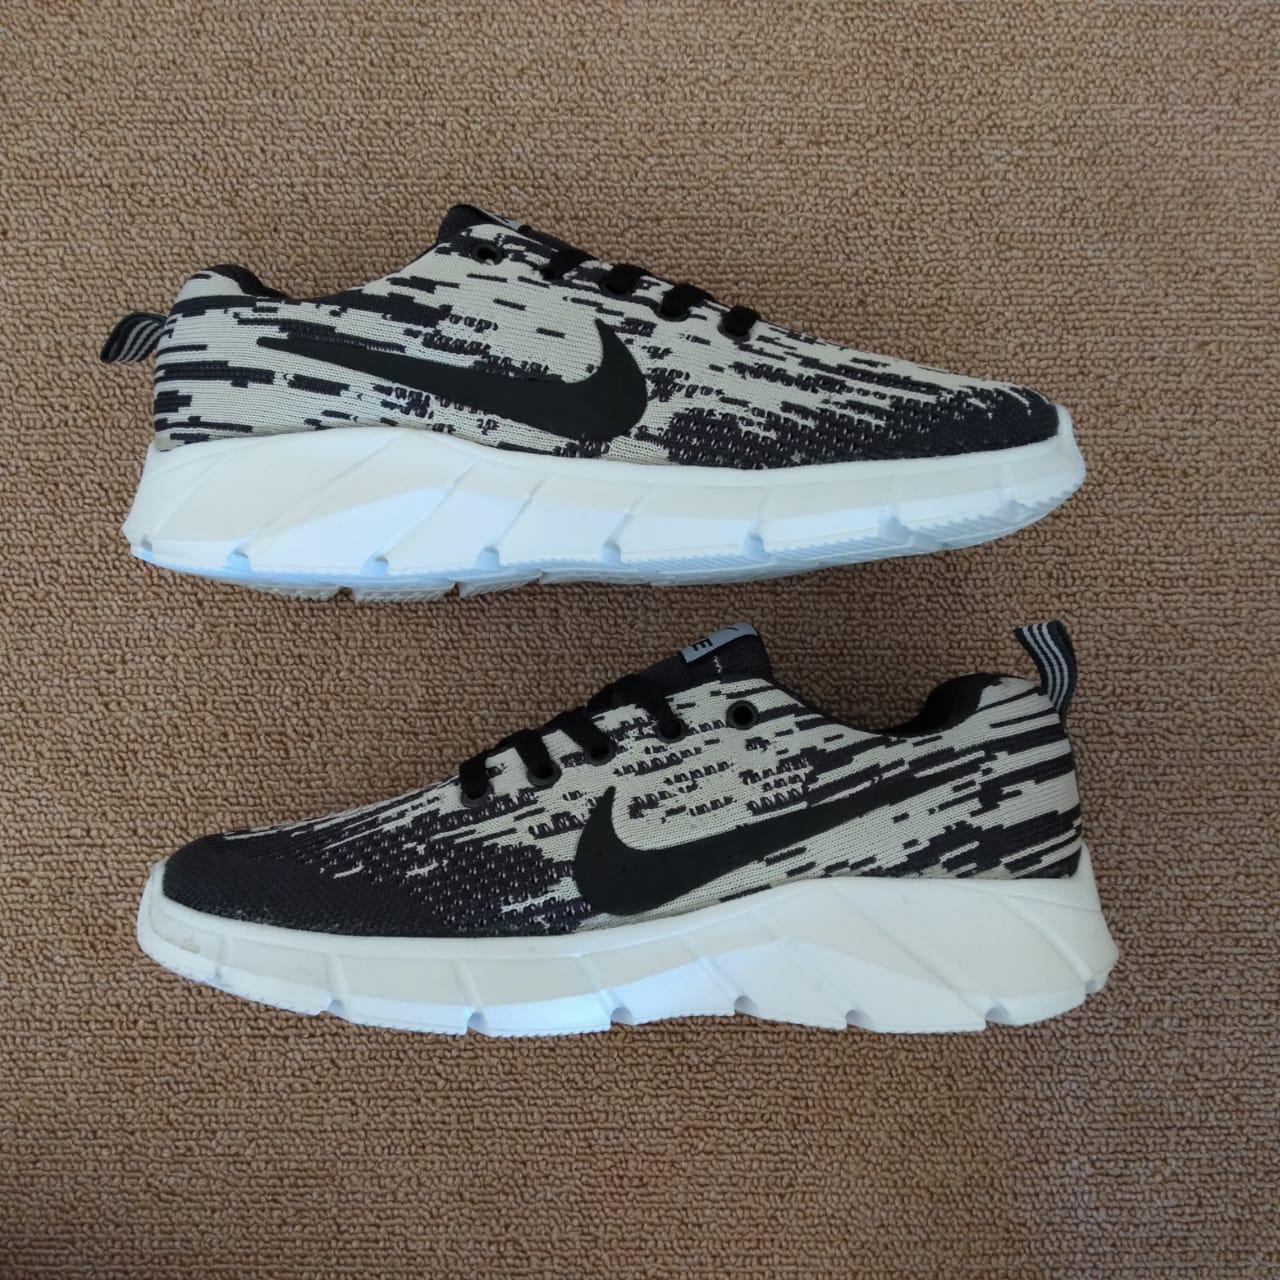 Sepatu nike999_flyknite new racer Hitam abu sepatu casual sepatu sneakers sepatu sekolah sepatu kerja sepatu olahraga fashion pria bisa bayar ditempat COD